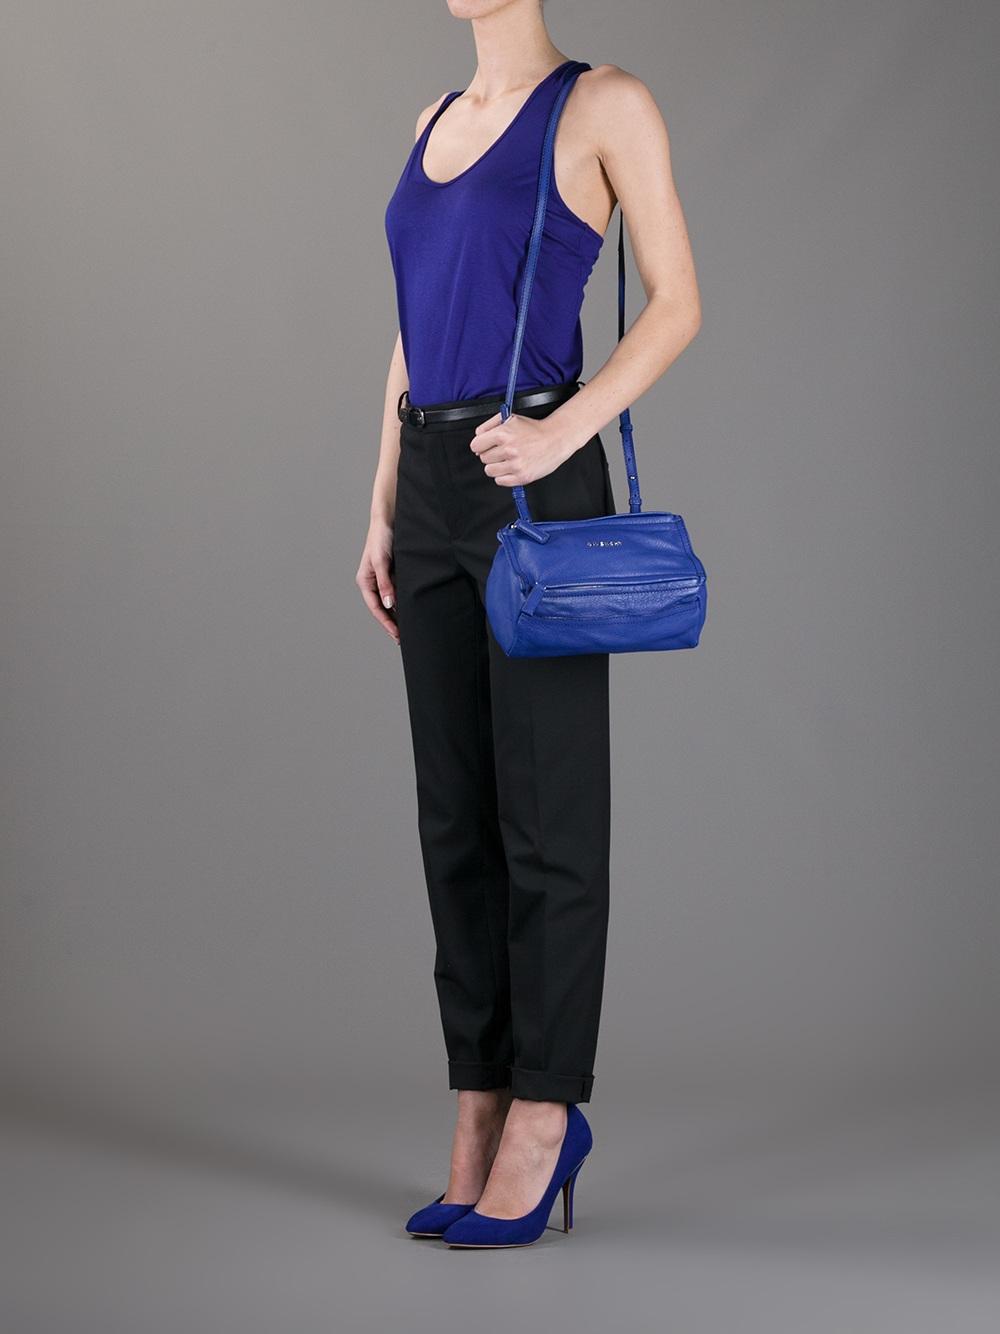 683f014adf Givenchy Mini Pandora Bag in Blue - Lyst